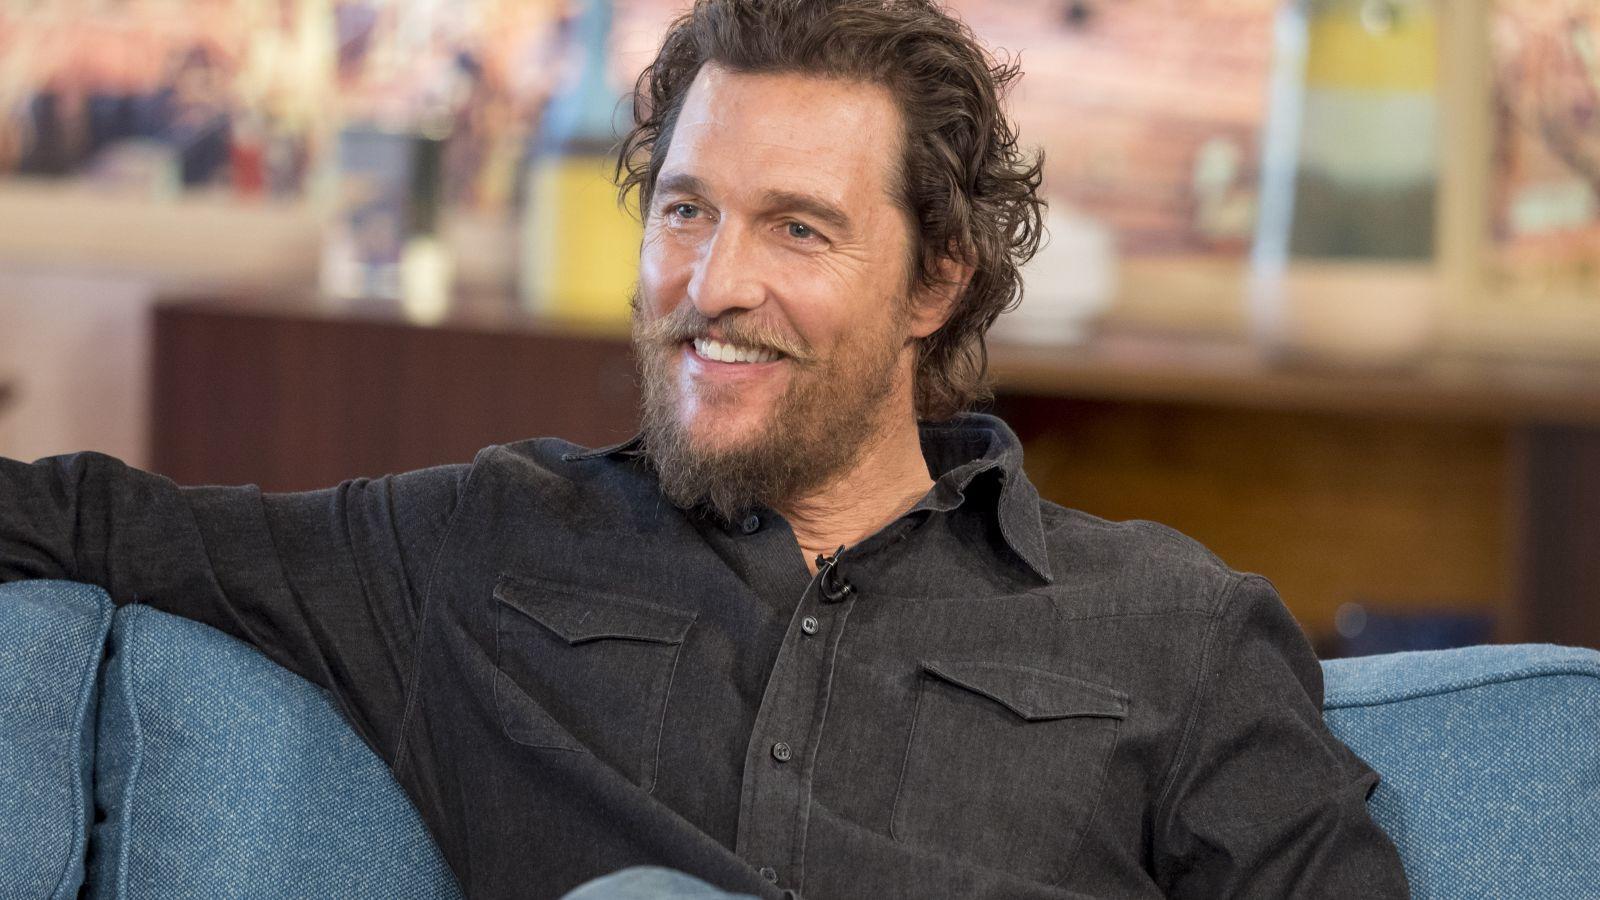 Matthew McConaughey saját bevallása szerint 20 éve nem használ dezodort. (Ken McKay/ITV/Shutterstock)